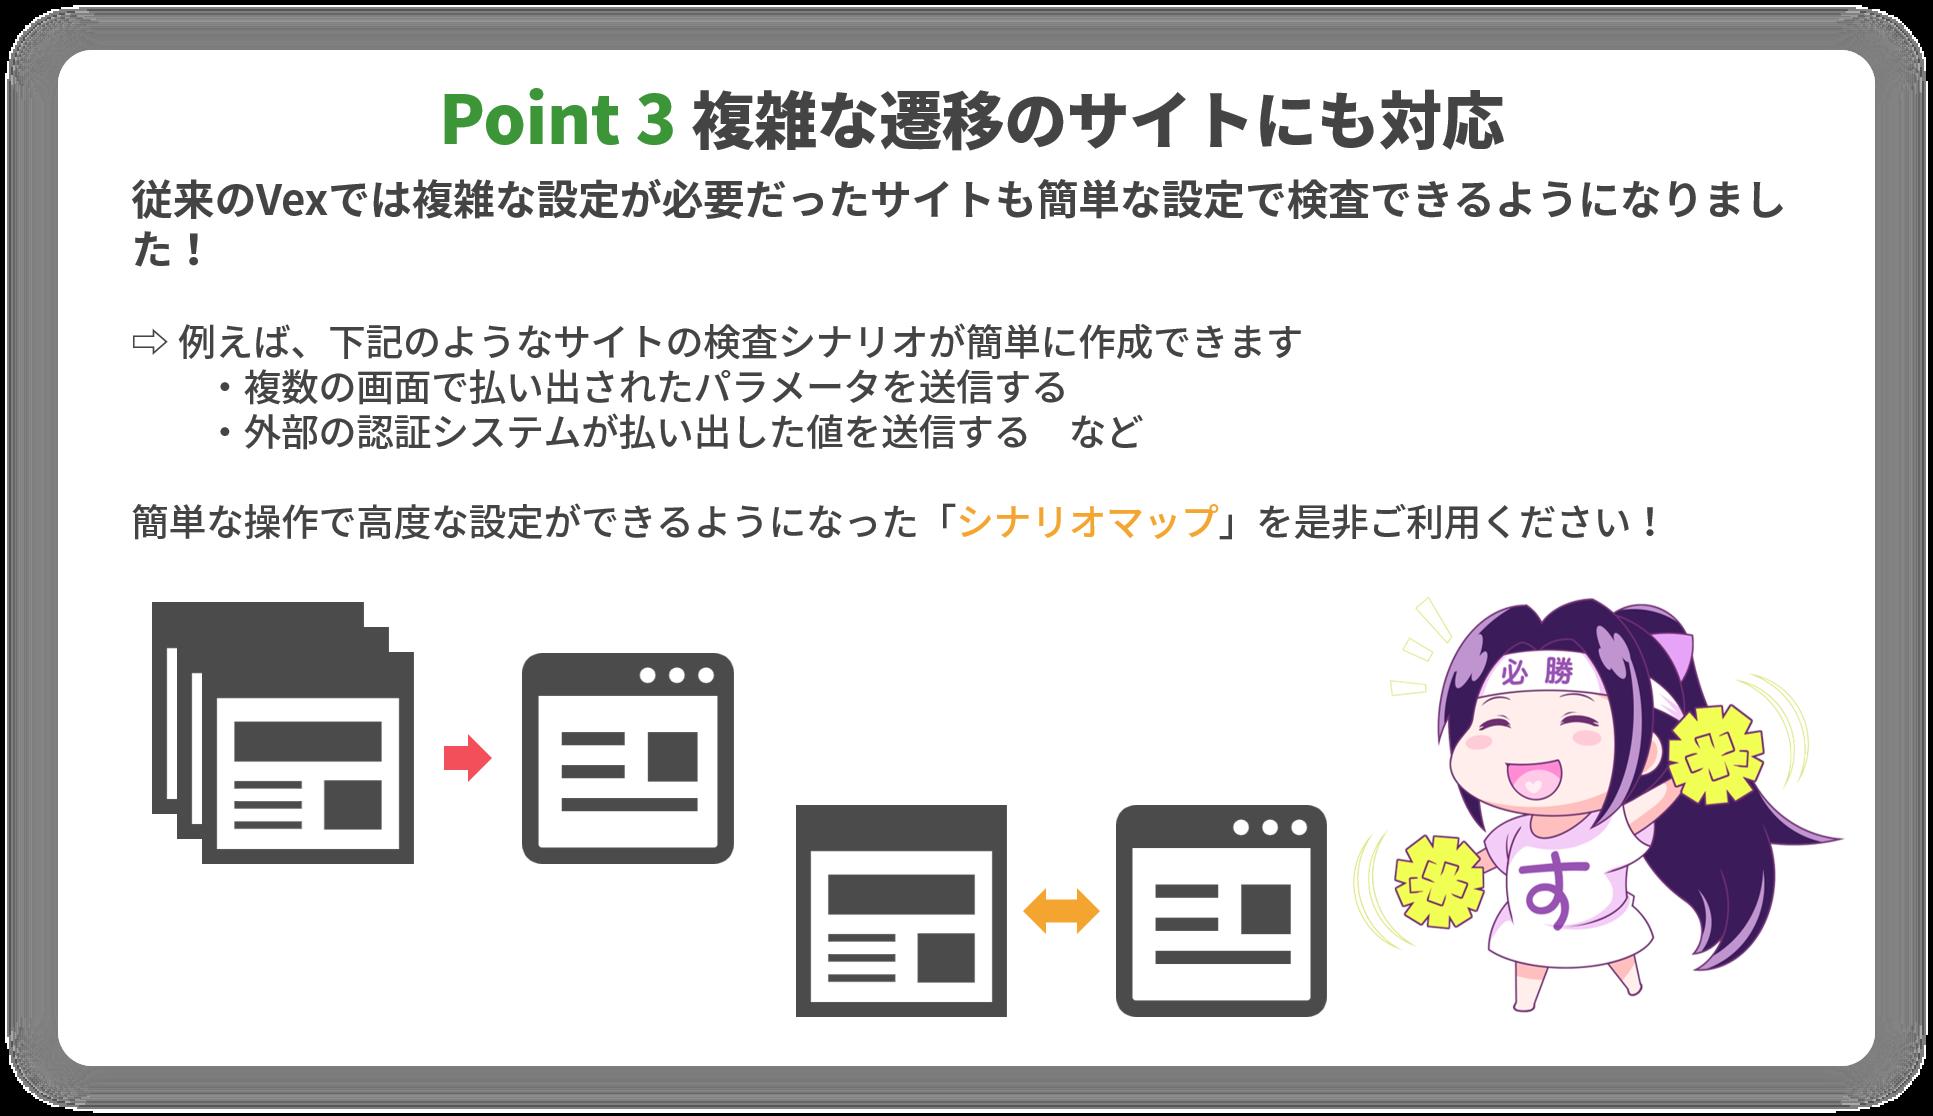 シナリオマップ機能のポイント3